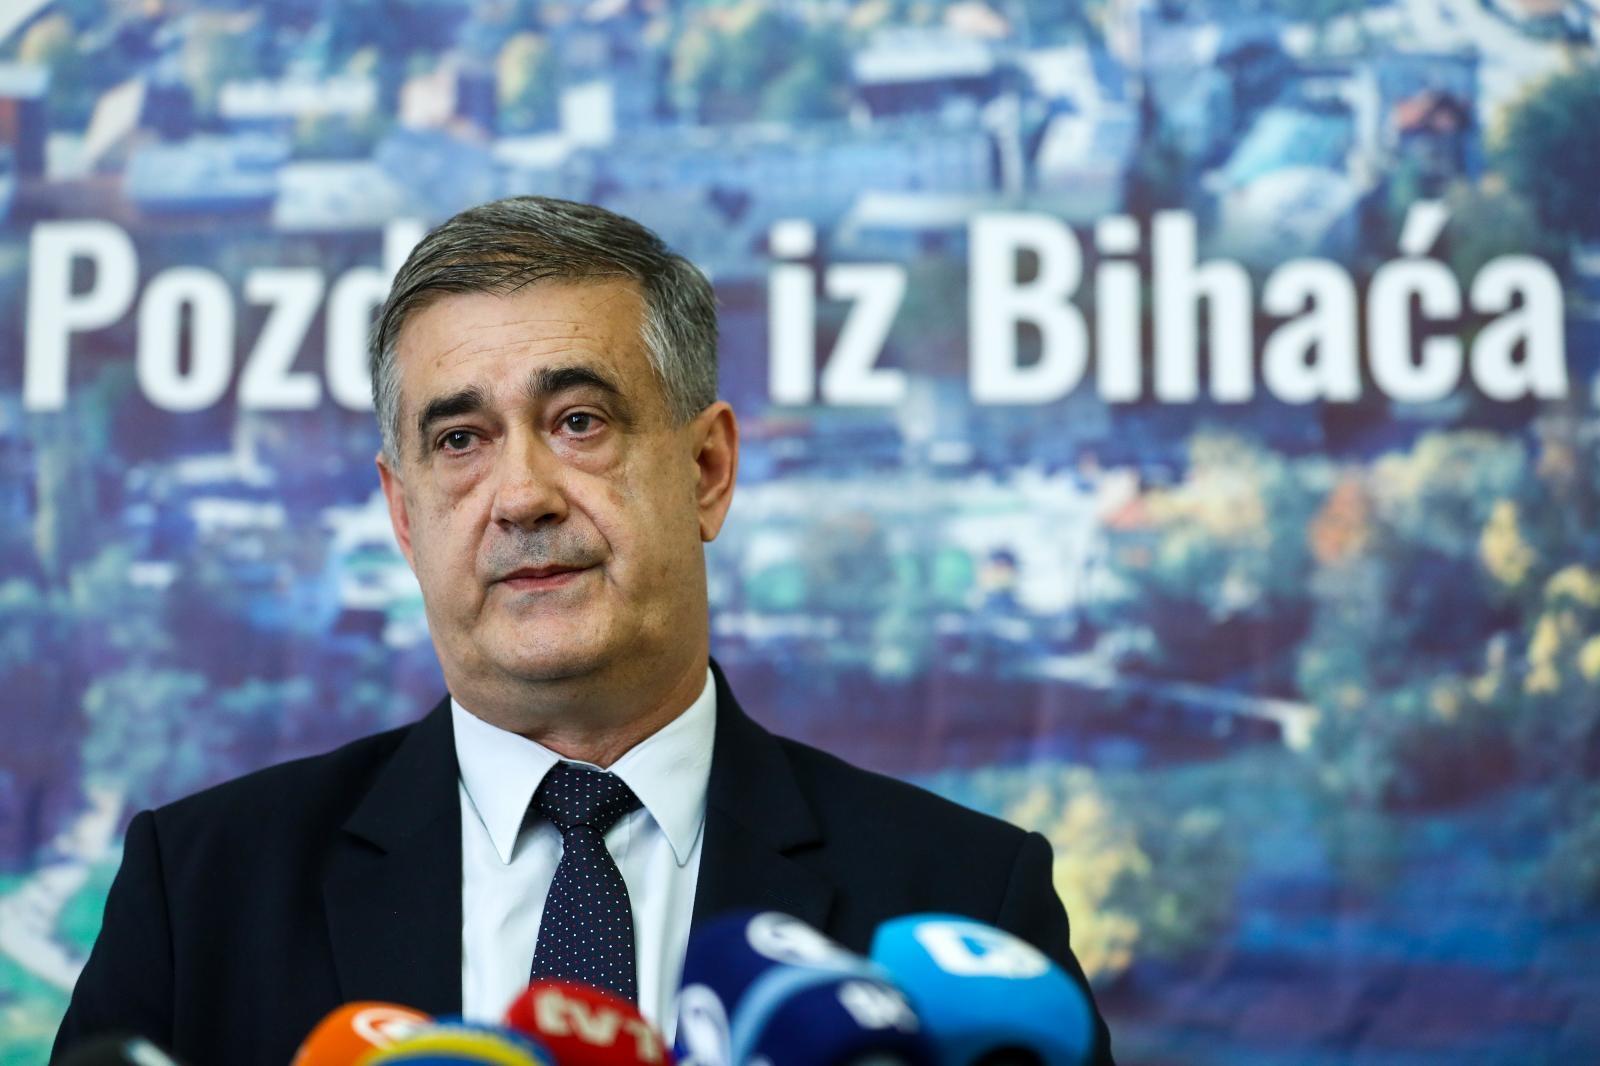 Photo of Gradonačelnik Bihaća službeno potvrdio više od 6000 migranata: PLJEŠIVICA JE PREPLAVLJENA!